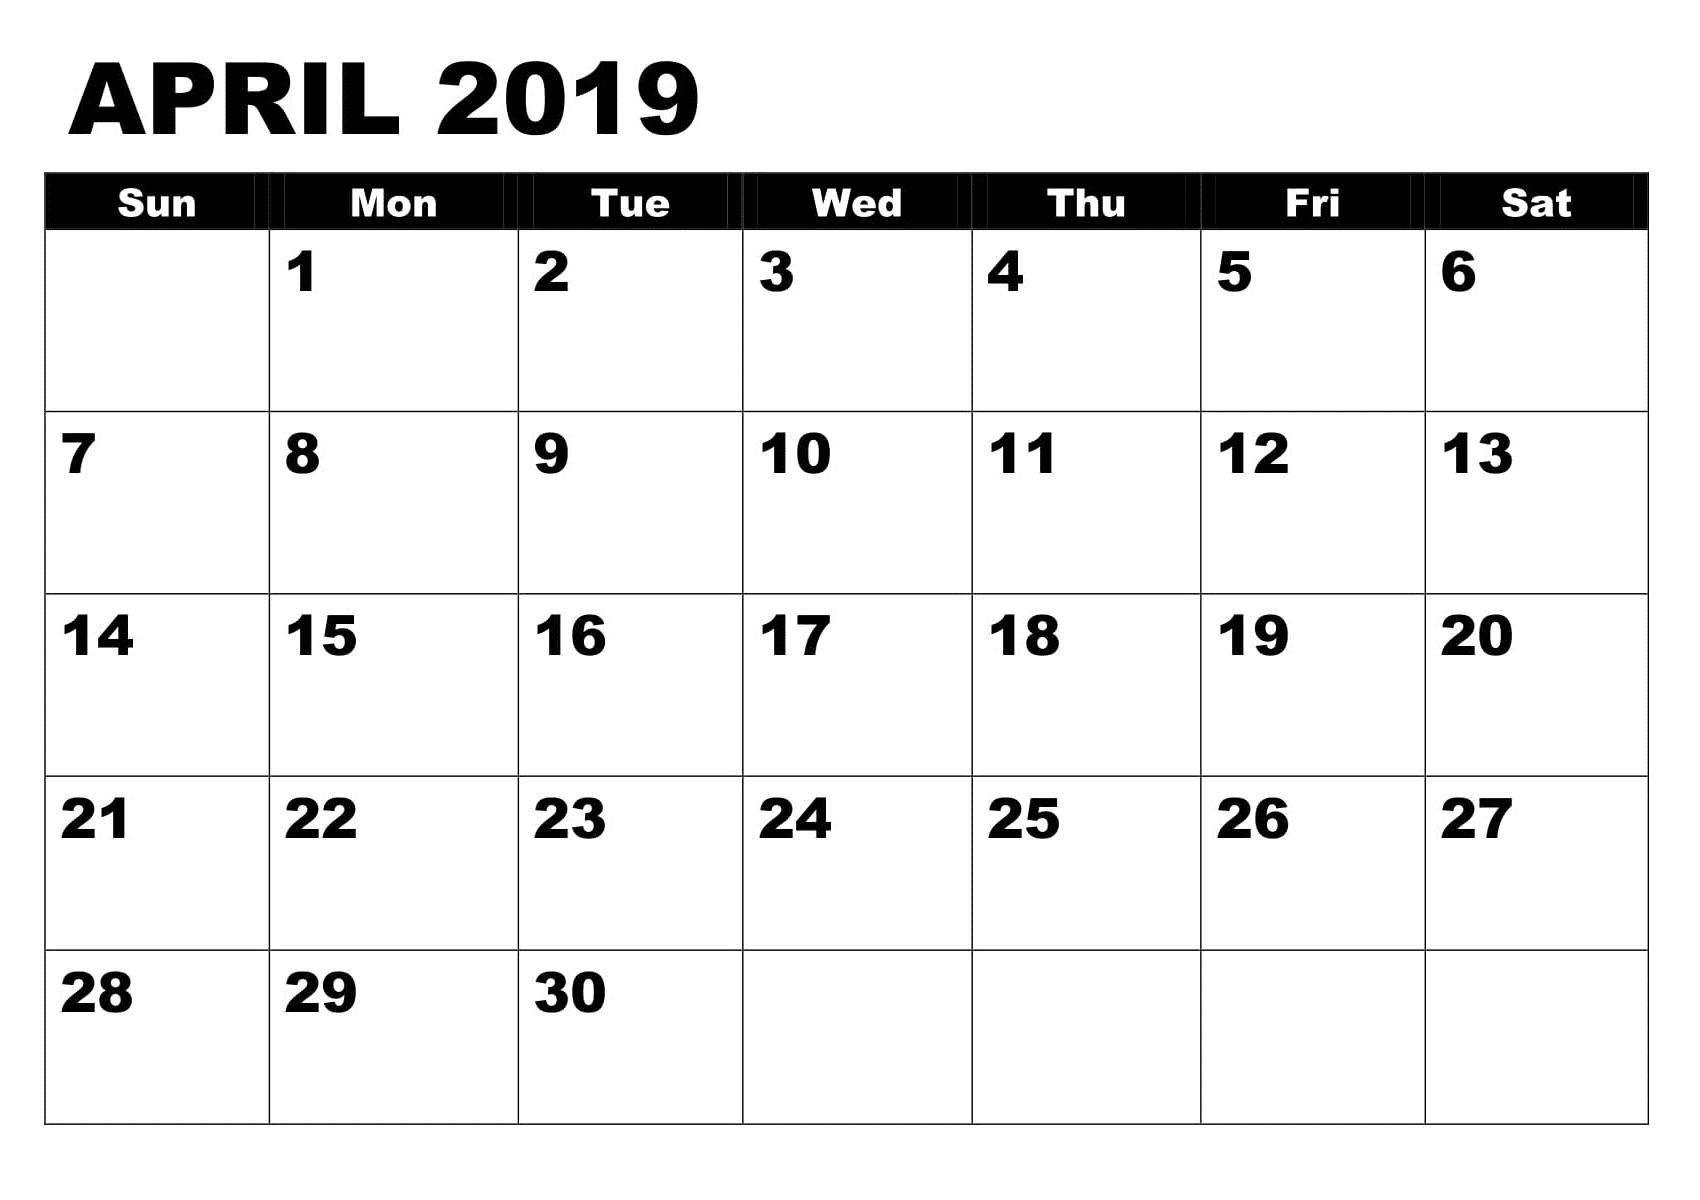 April 2019 Calendar Template PDF